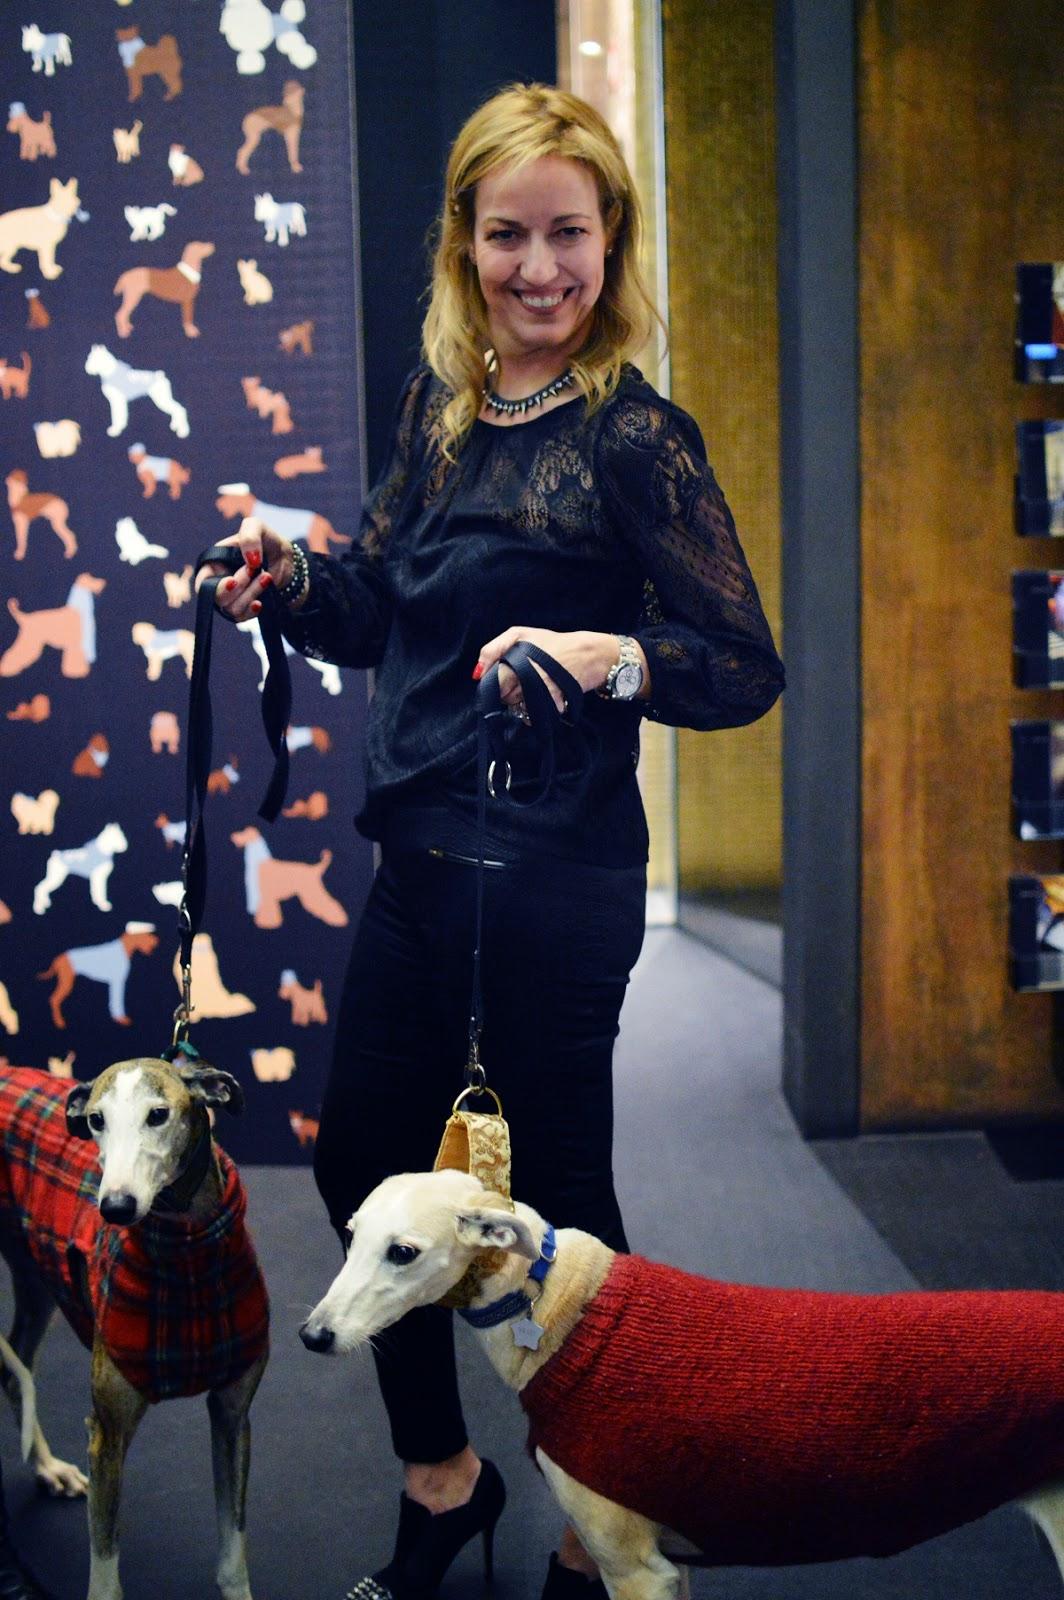 Pets Party, Hotel Urban, Sogues Comunicación, Galgos 112, Mascotas, Moda, Gourmet, Party, Fiesta con Mascotas, Blog de Moda